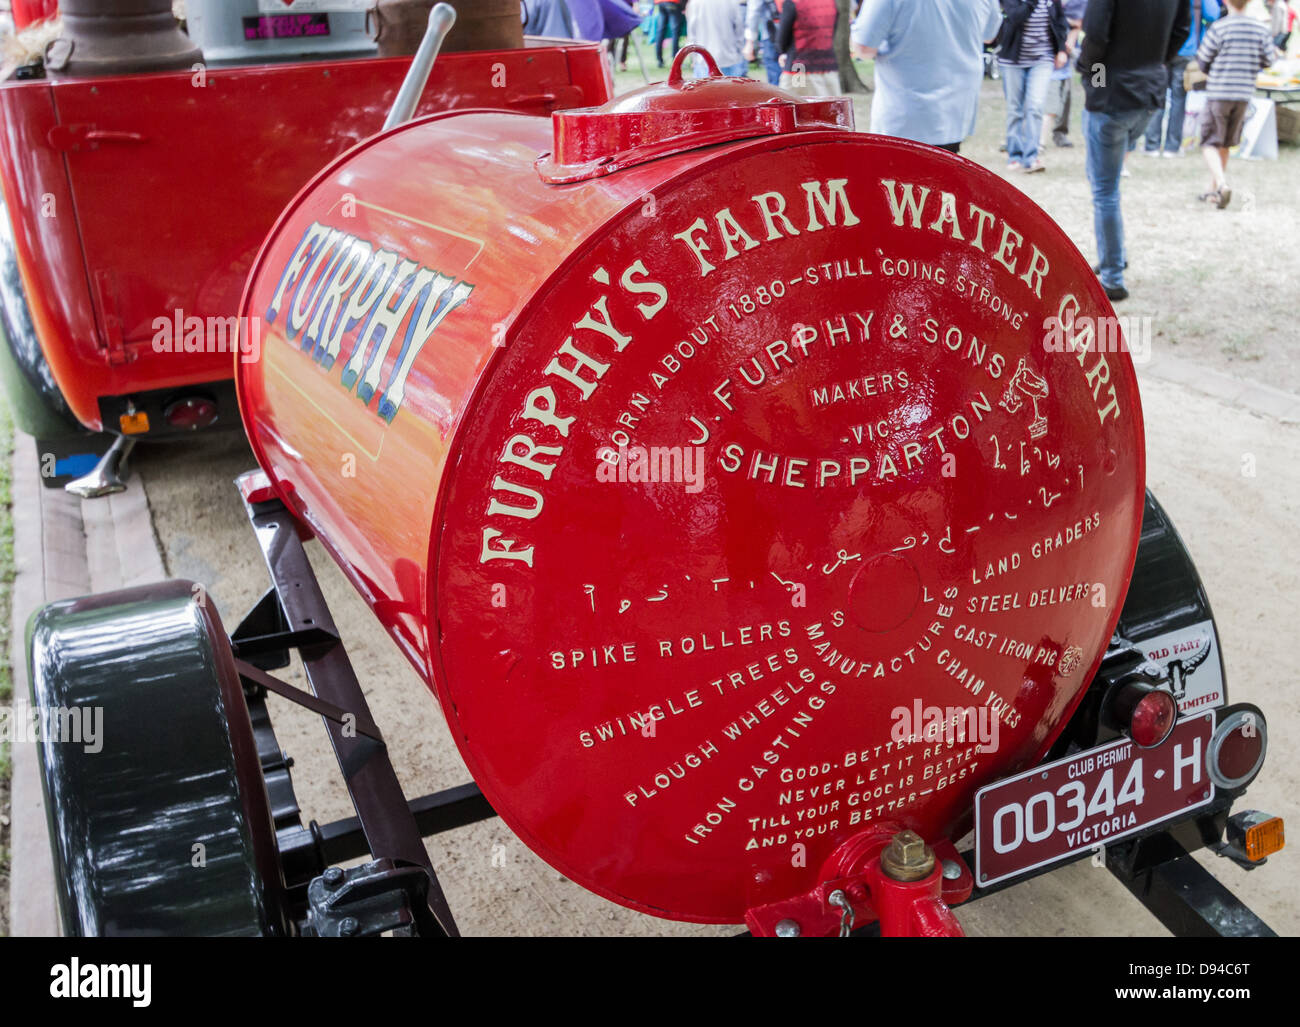 Water Carts Stock Photos & Water Carts Stock Images - Alamy